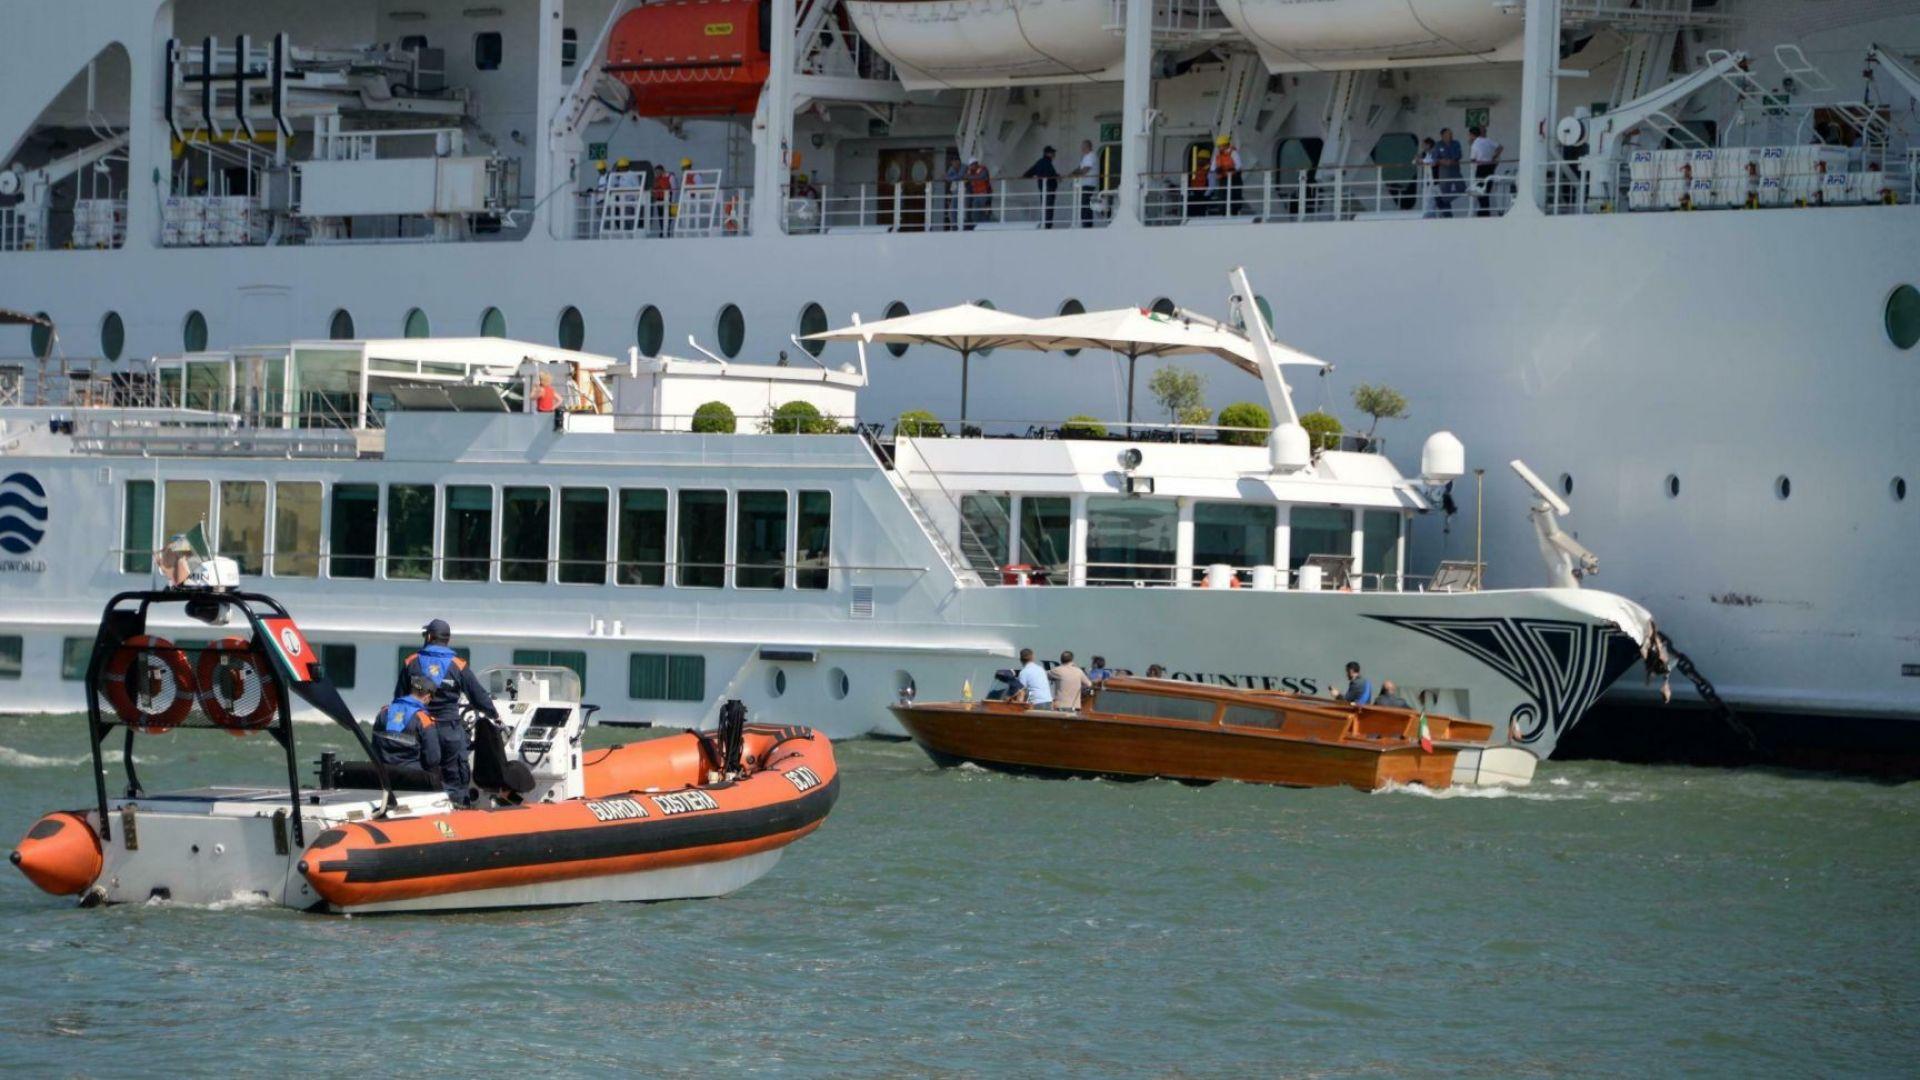 Круизен лайнер се удари в кей и в друг кораб във Венеция, има ранени (видео и снимки)